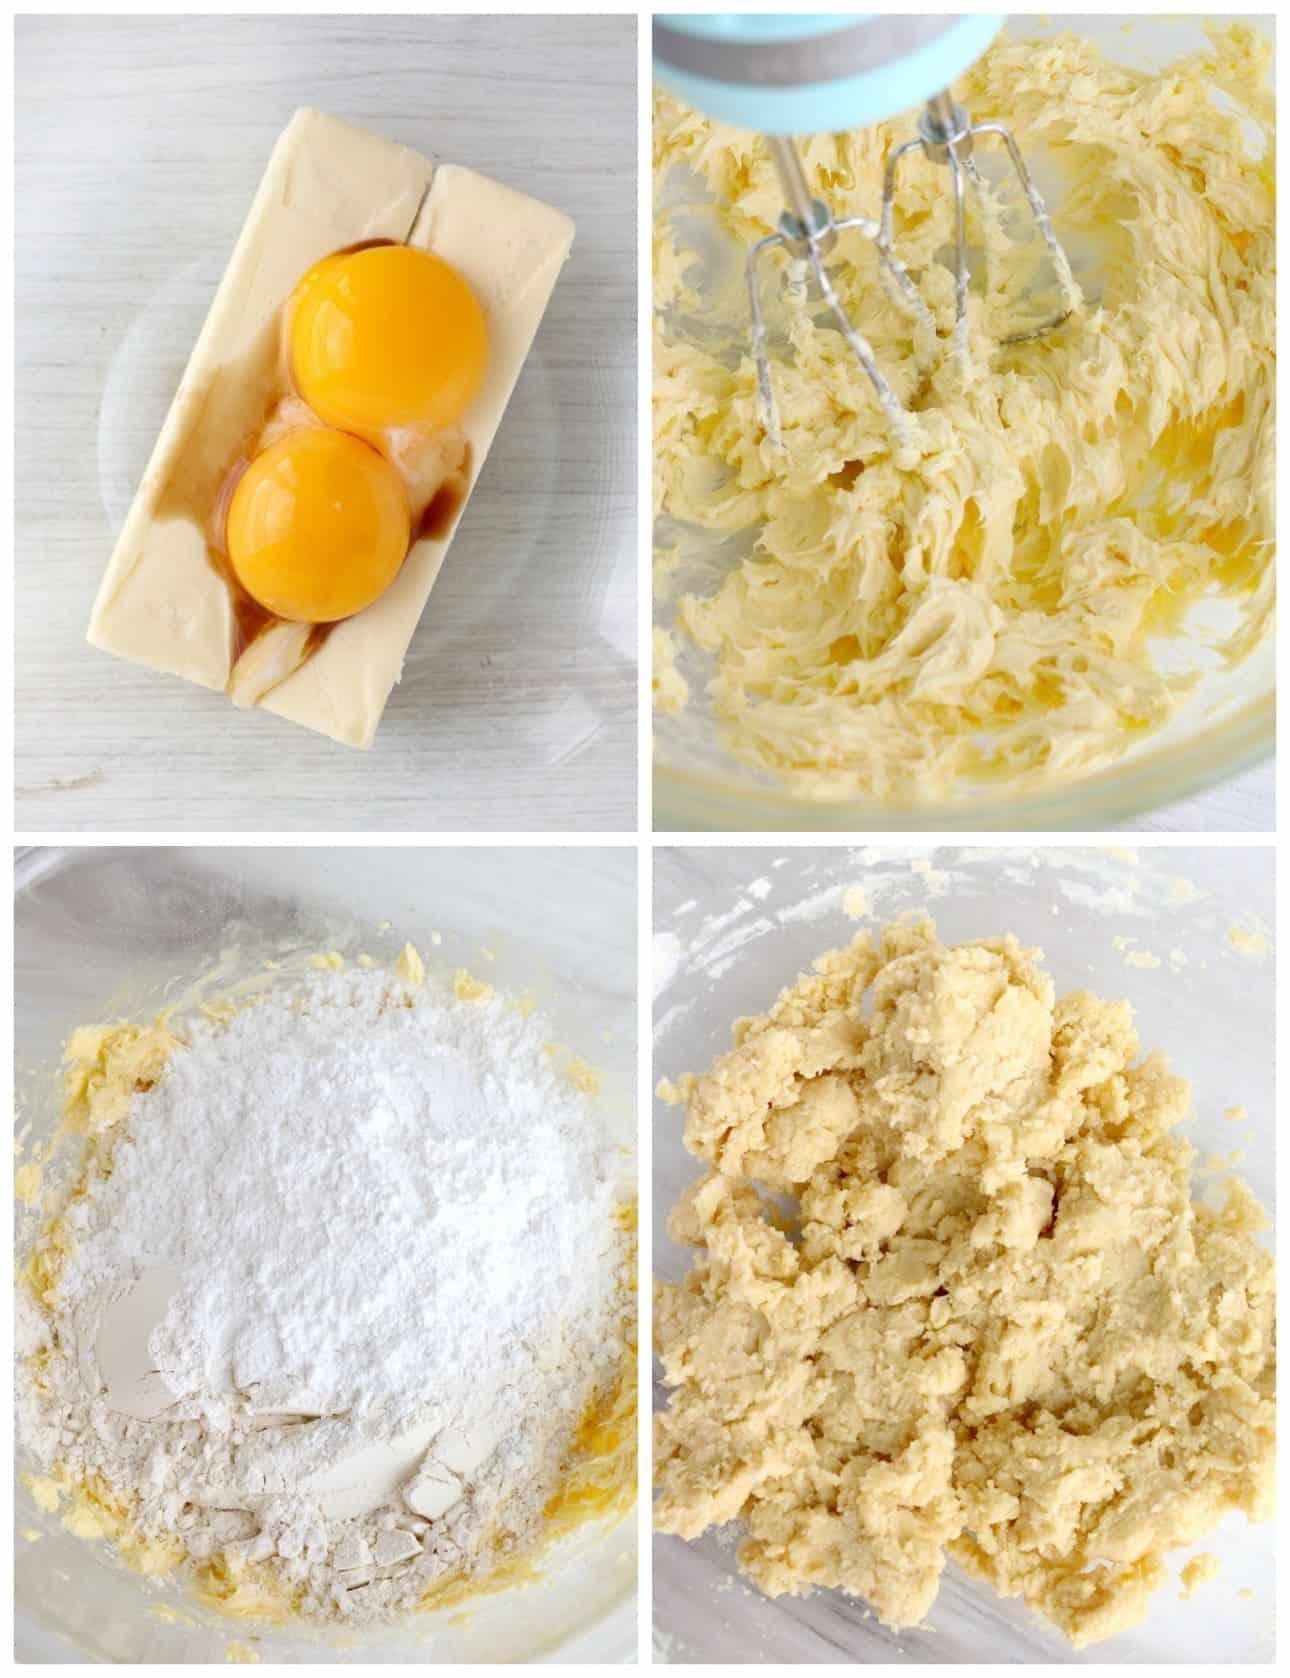 Cuatro fotos de proceso.  Primero, la mantequilla y las yemas de huevo en un bol listo para mezclar.  En segundo lugar, huevo y mantequilla, todo batido.  Tercero, ingredientes secos encima de los ingredientes húmedos.  Cuarto uno, todo mezclado.